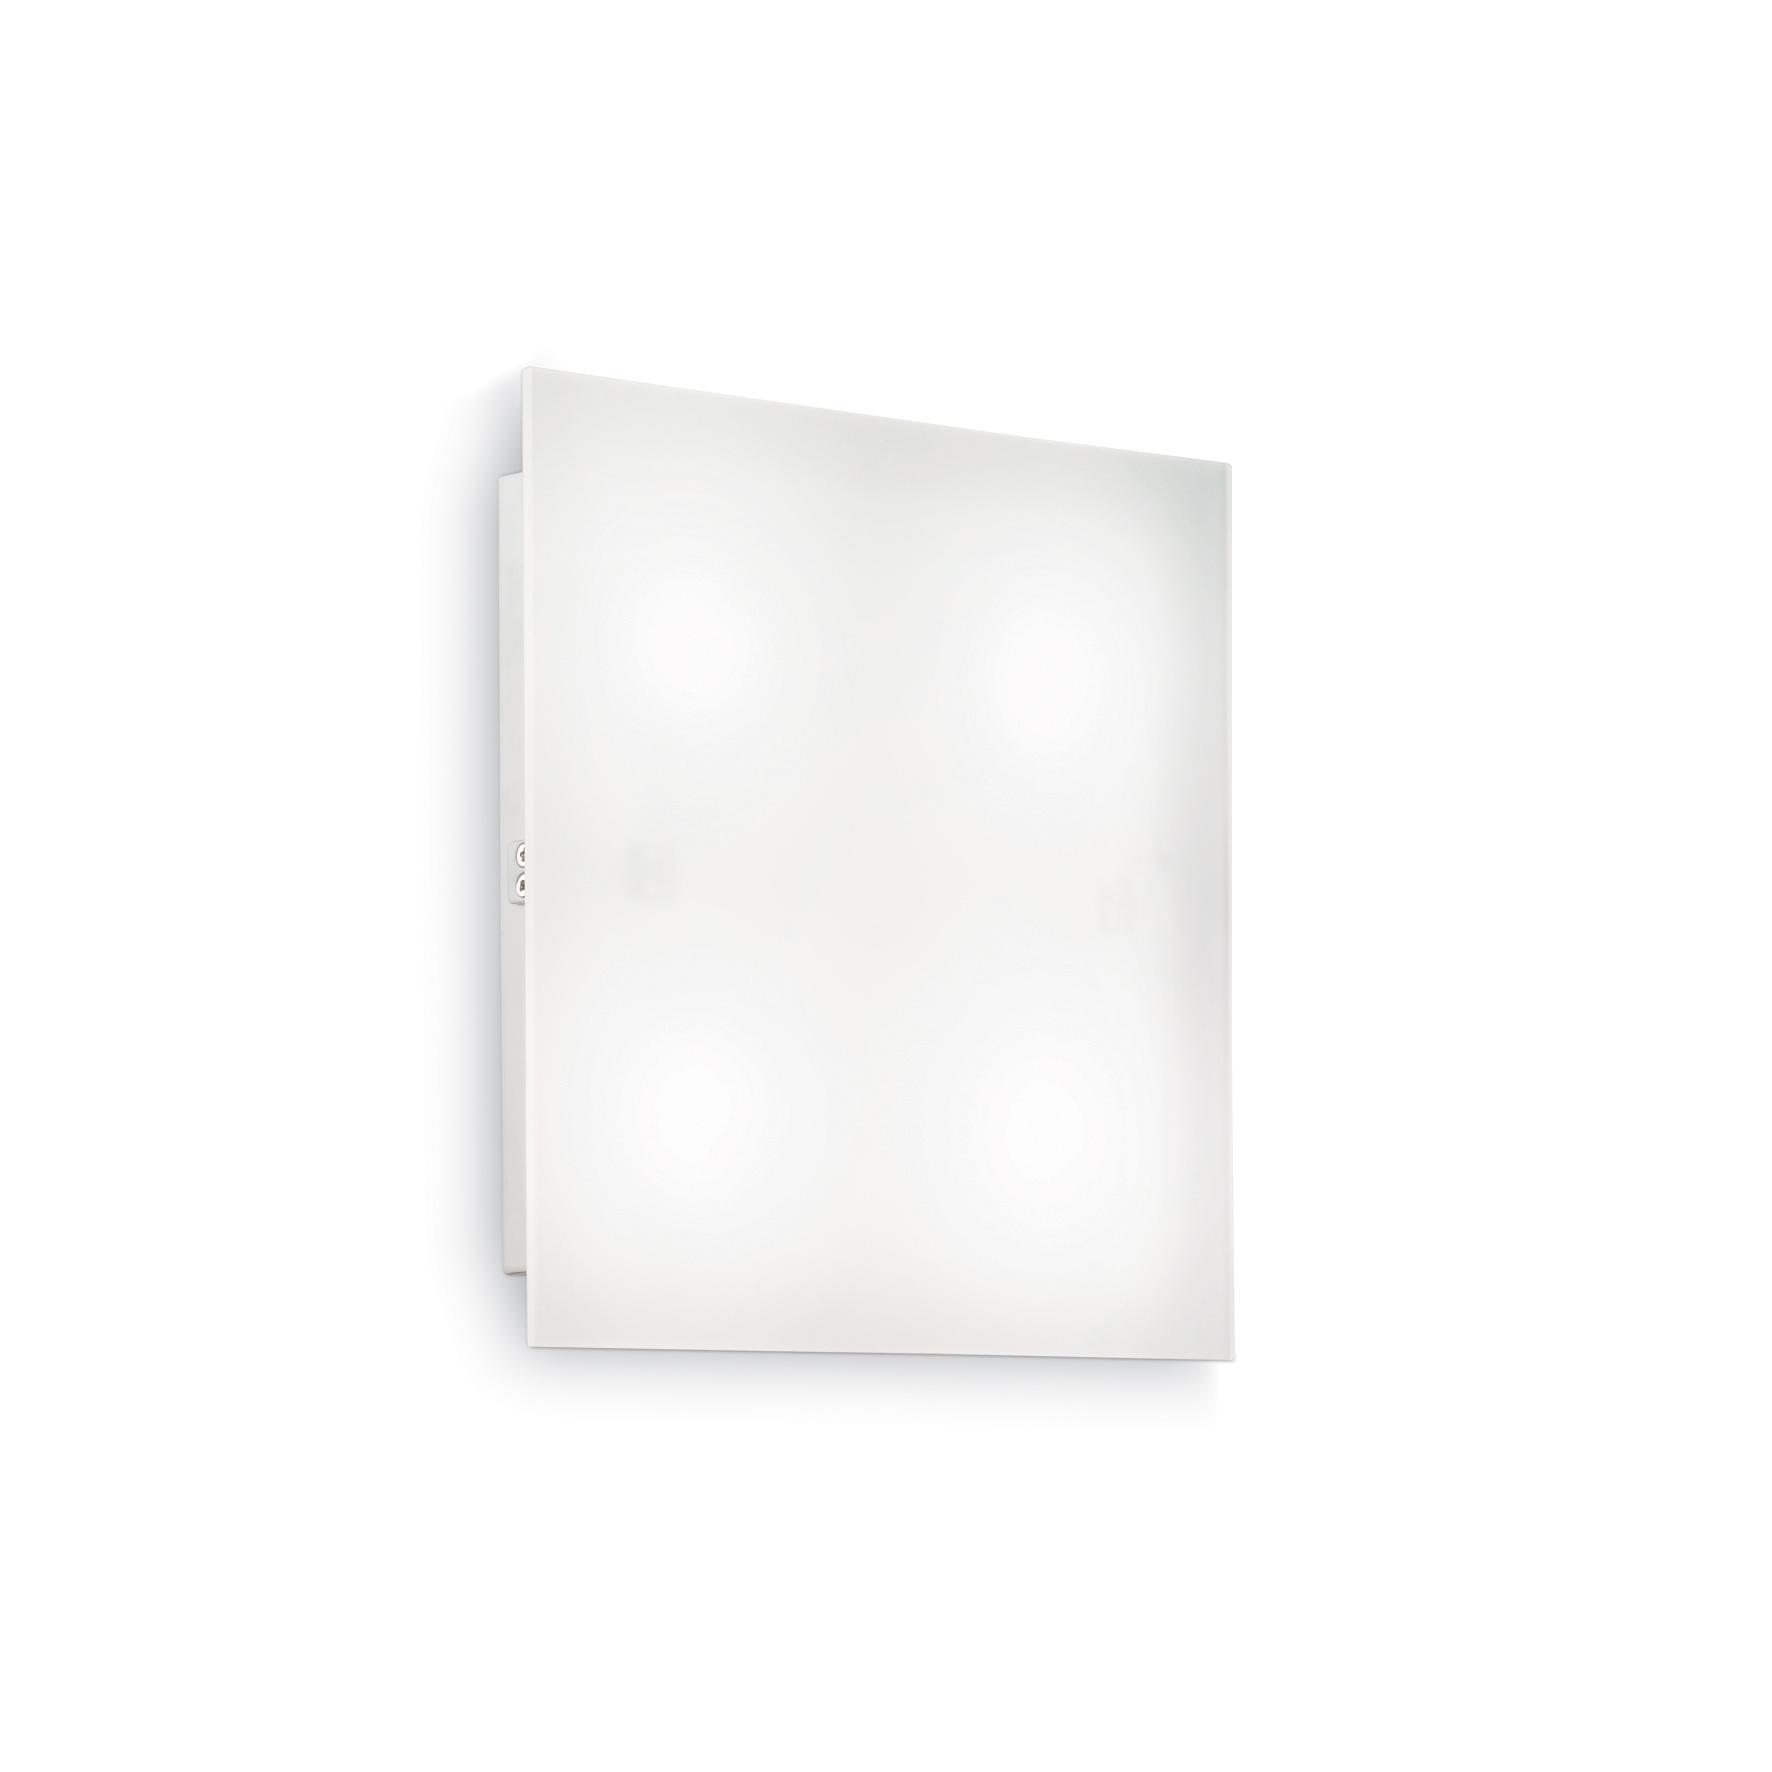 Plafoniera Flat PL4 D30 White